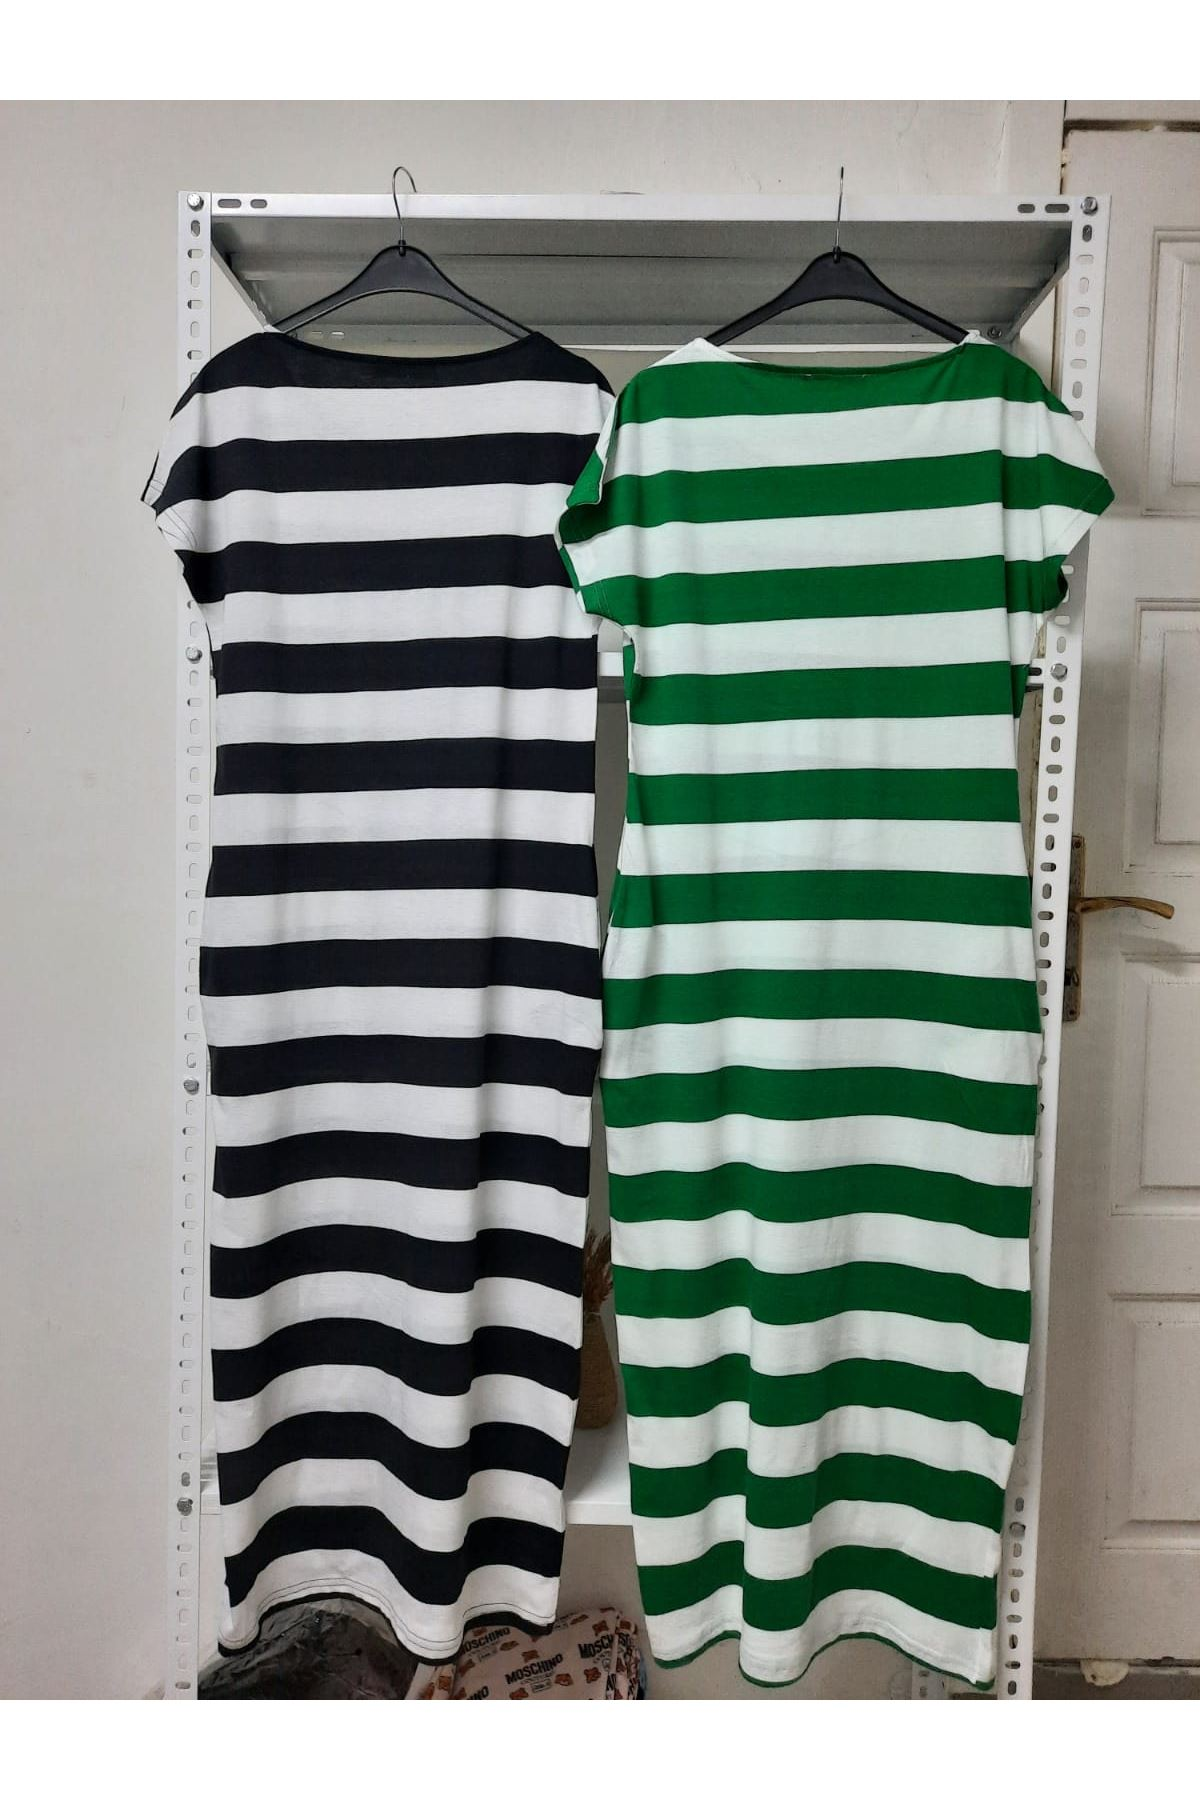 Çapa Baskılı Çizgi Desen Elbise - YEŞİL